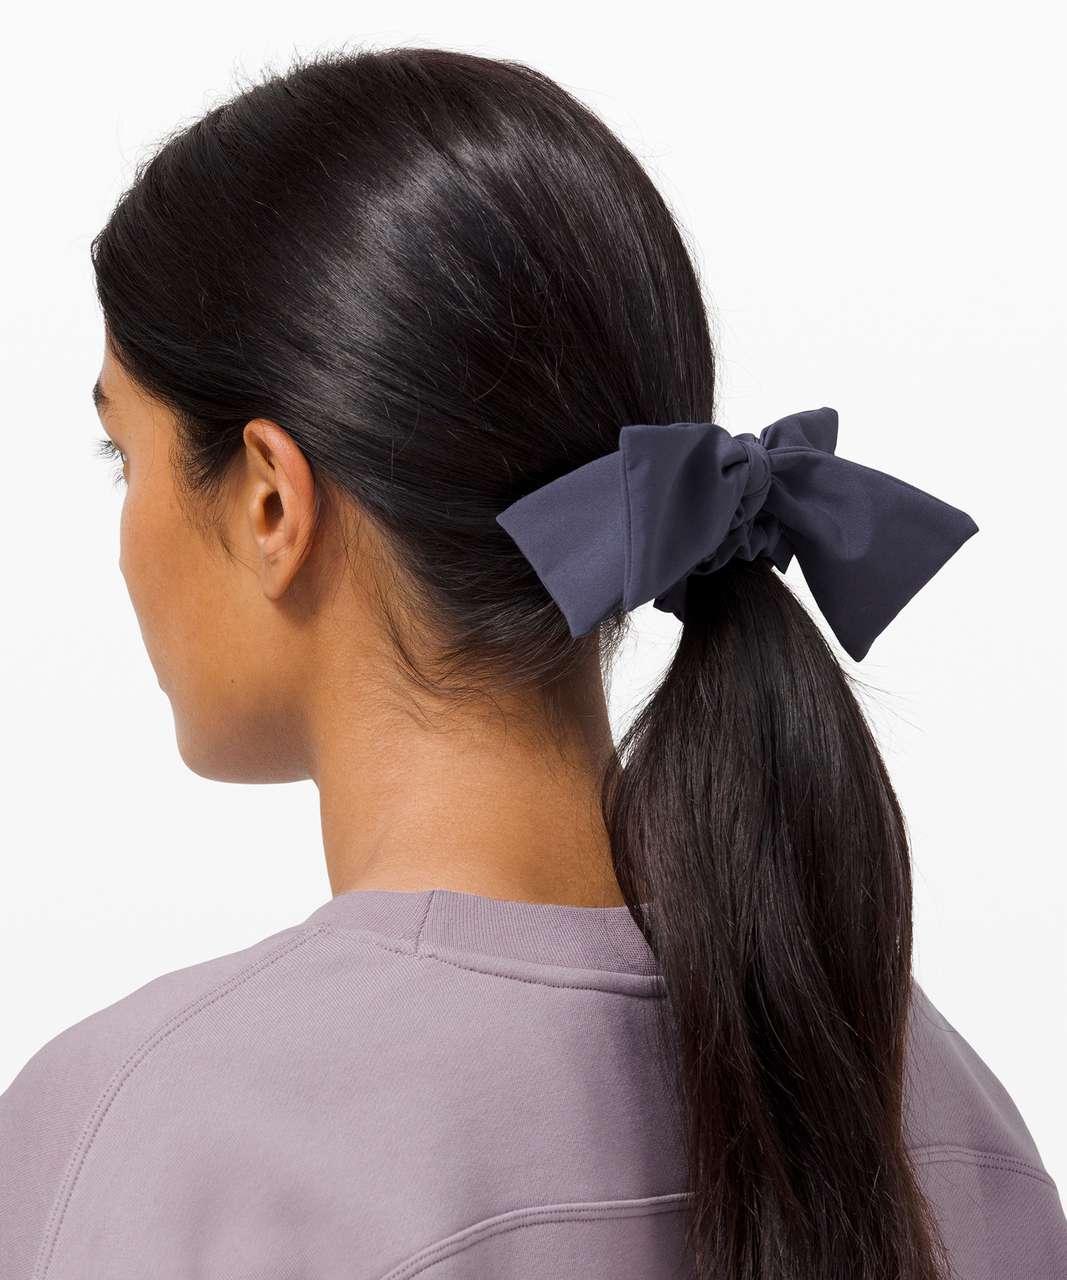 Lululemon Uplifting Scrunchie *Ribbon - Cadet Blue